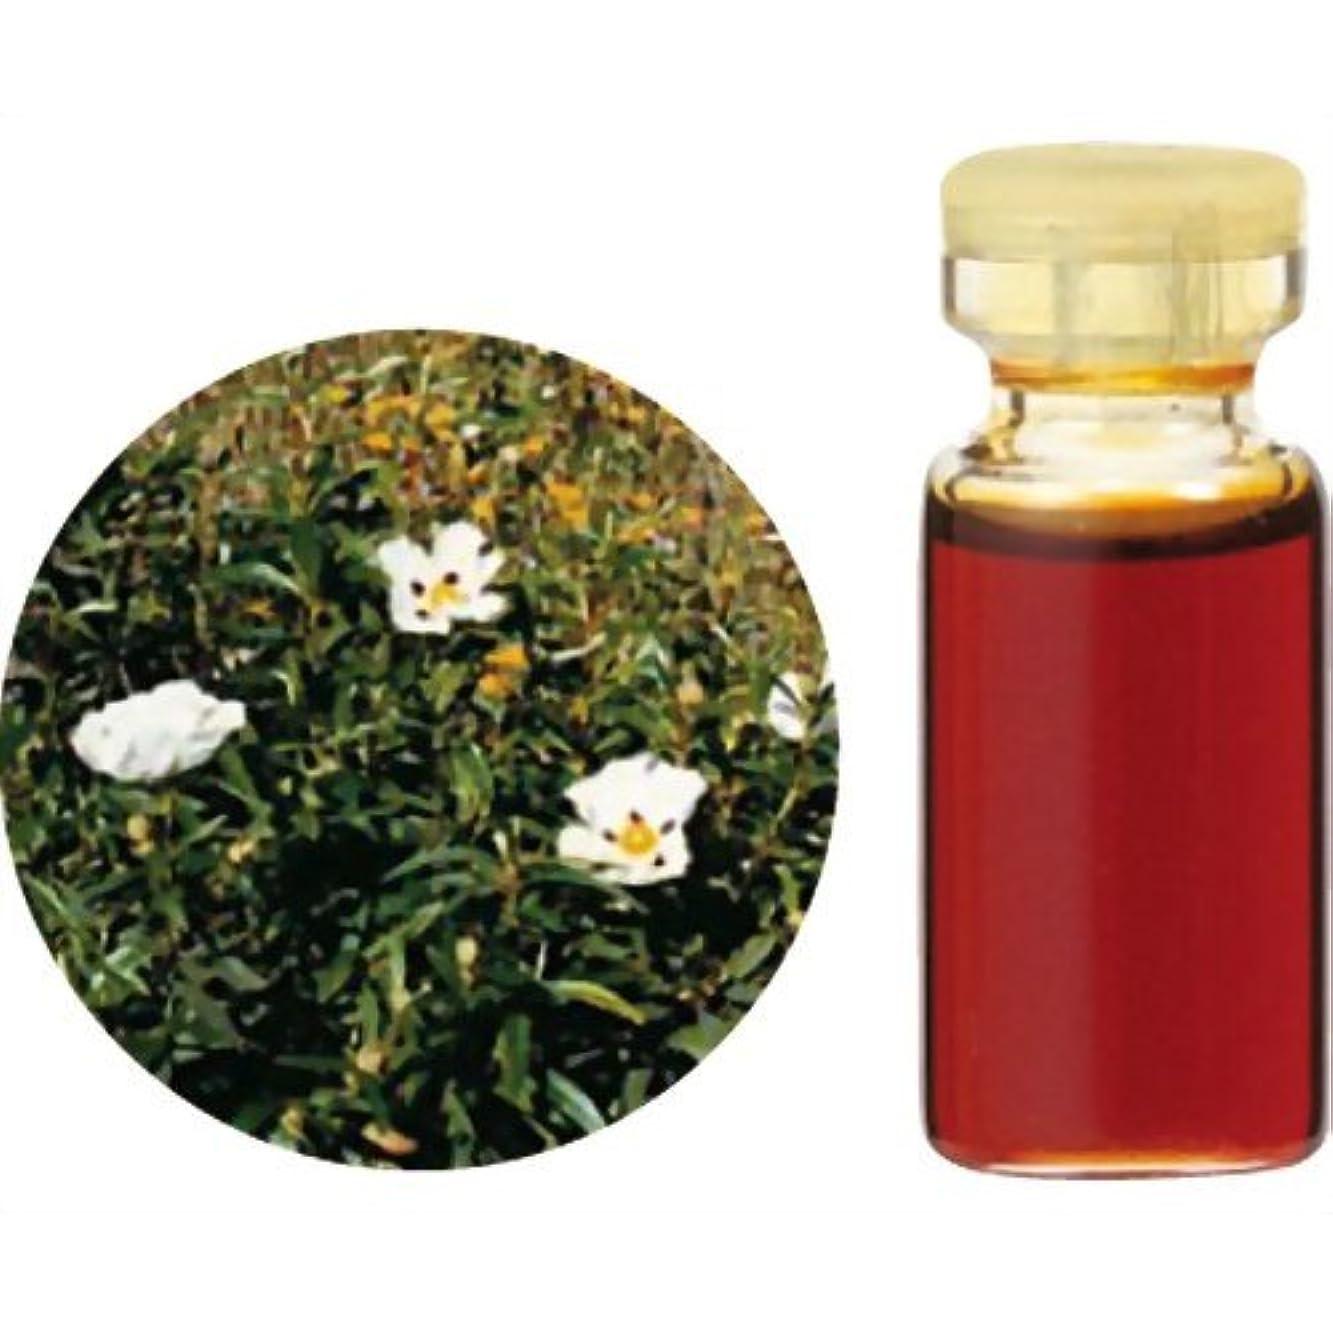 スピンリマ指令生活の木 Herbal Life レアバリューオイル シストローズ(ロックローズ) 3ml